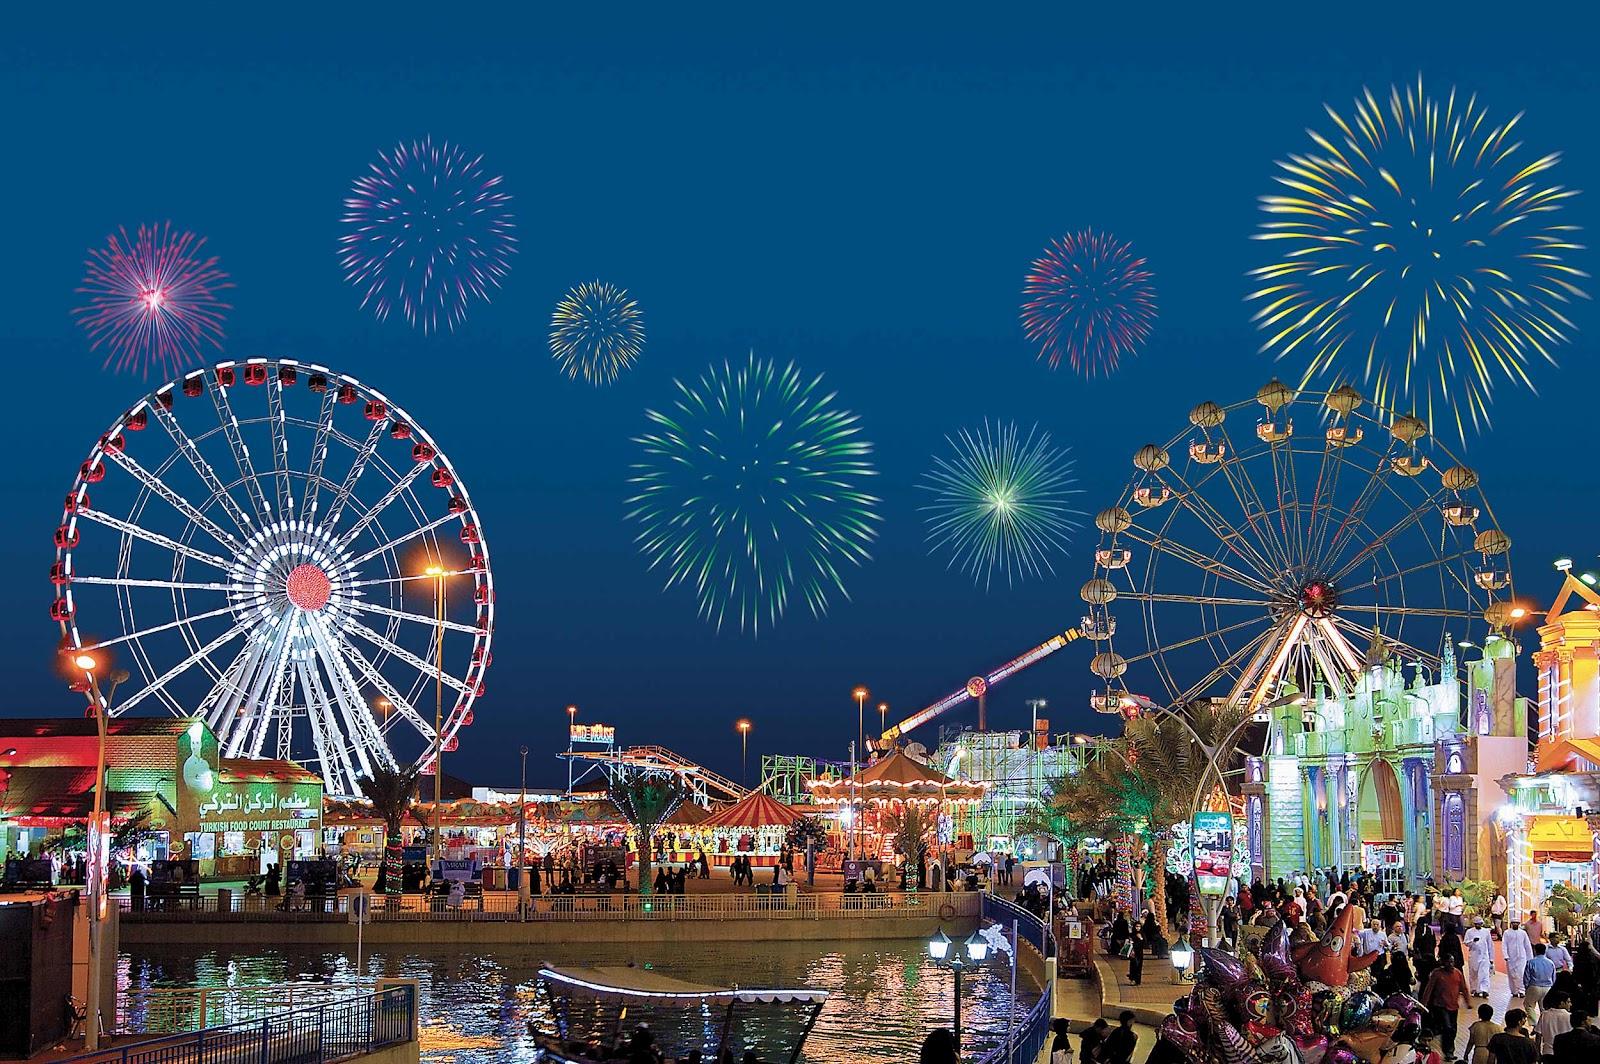 Dubaifestival